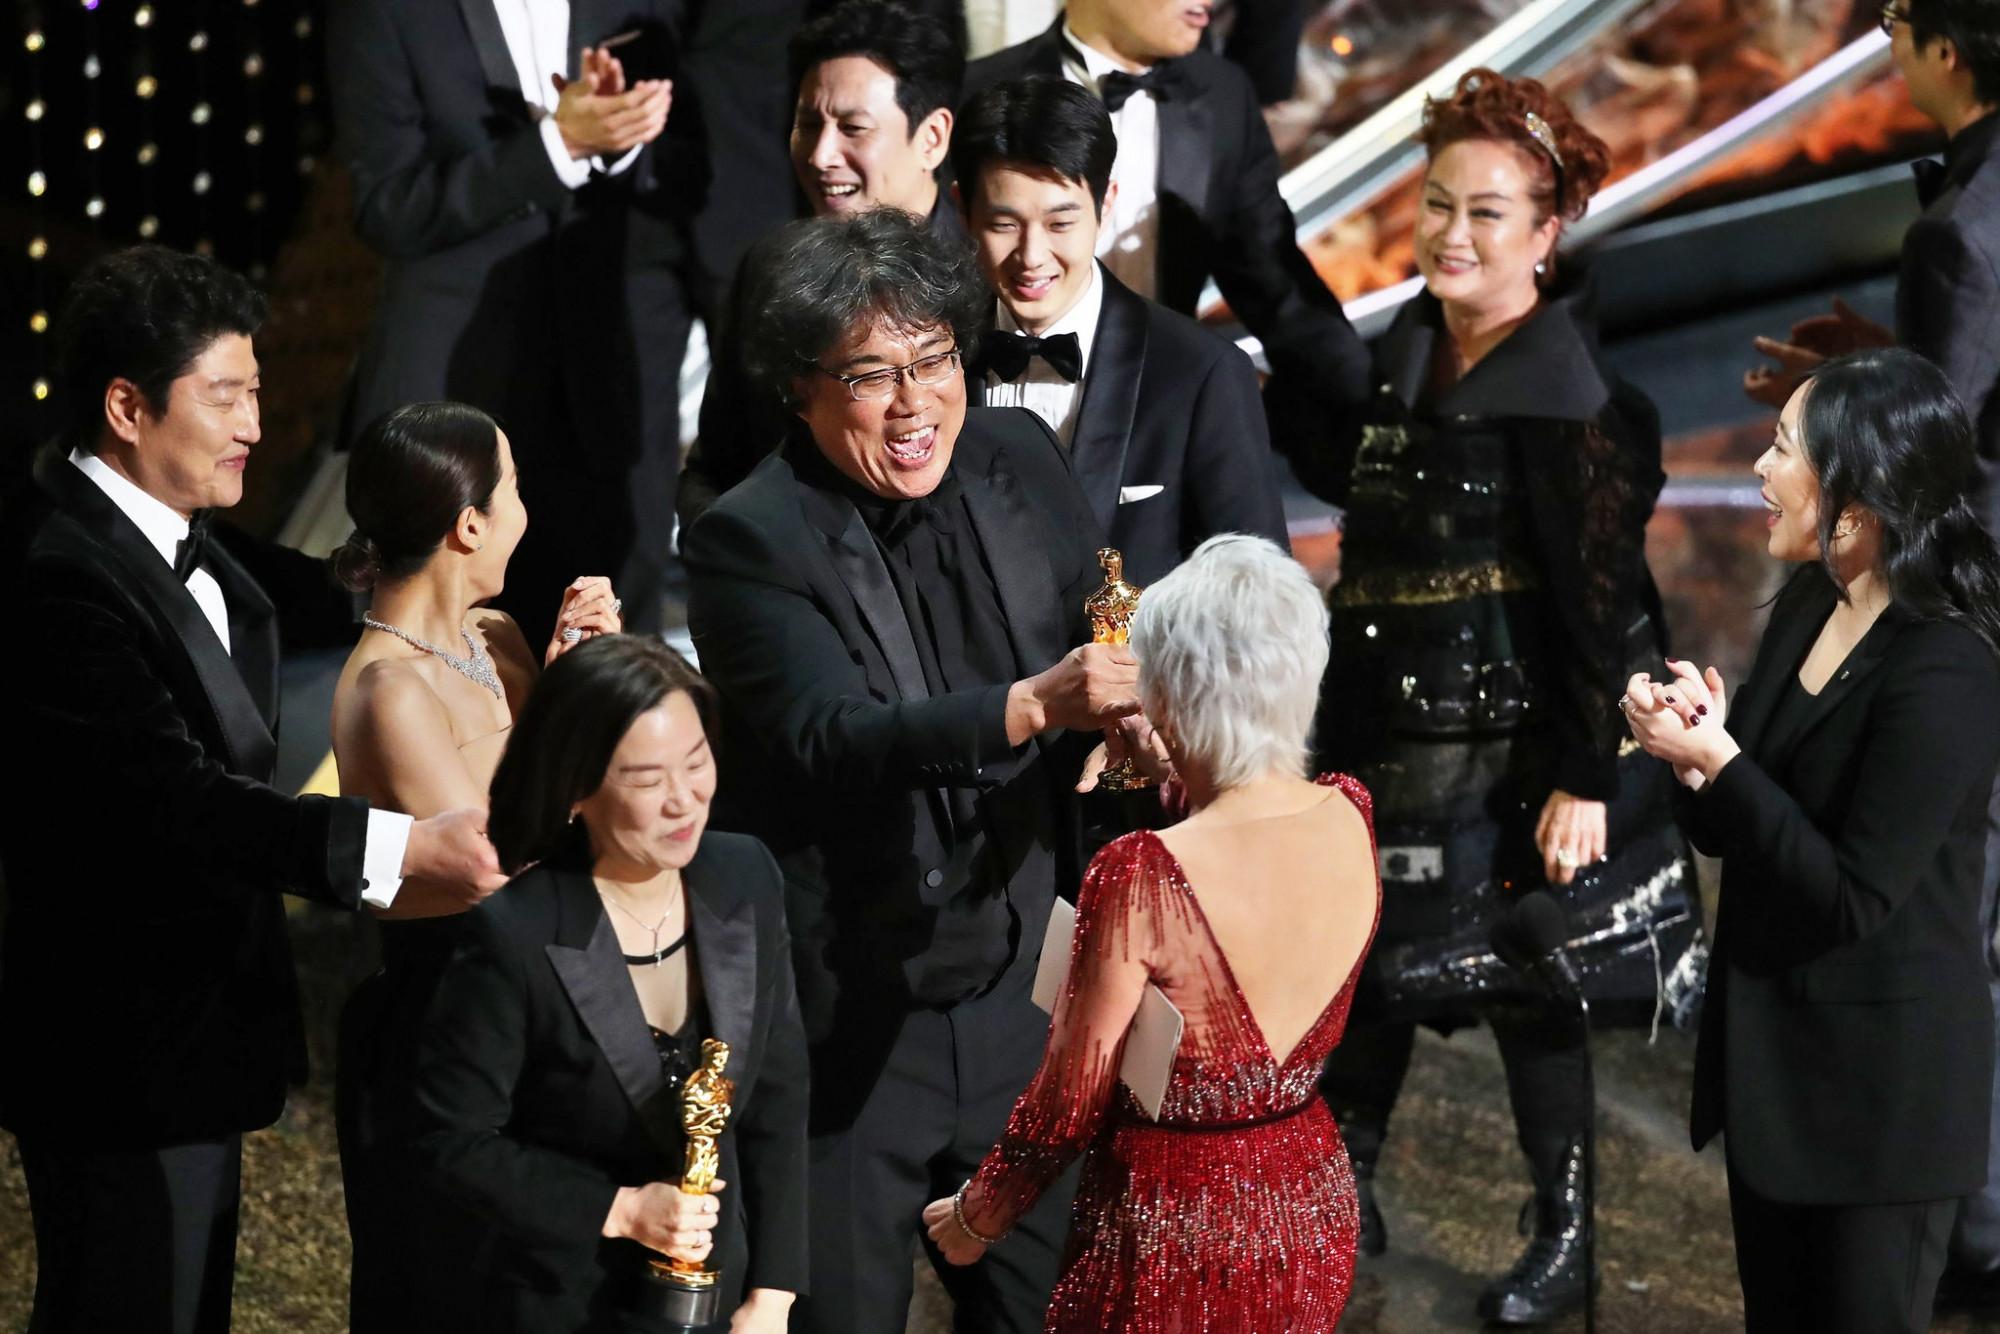 Đoàn phim Ký sinh trùng mừng chiến thắng tại Oscar 2020.